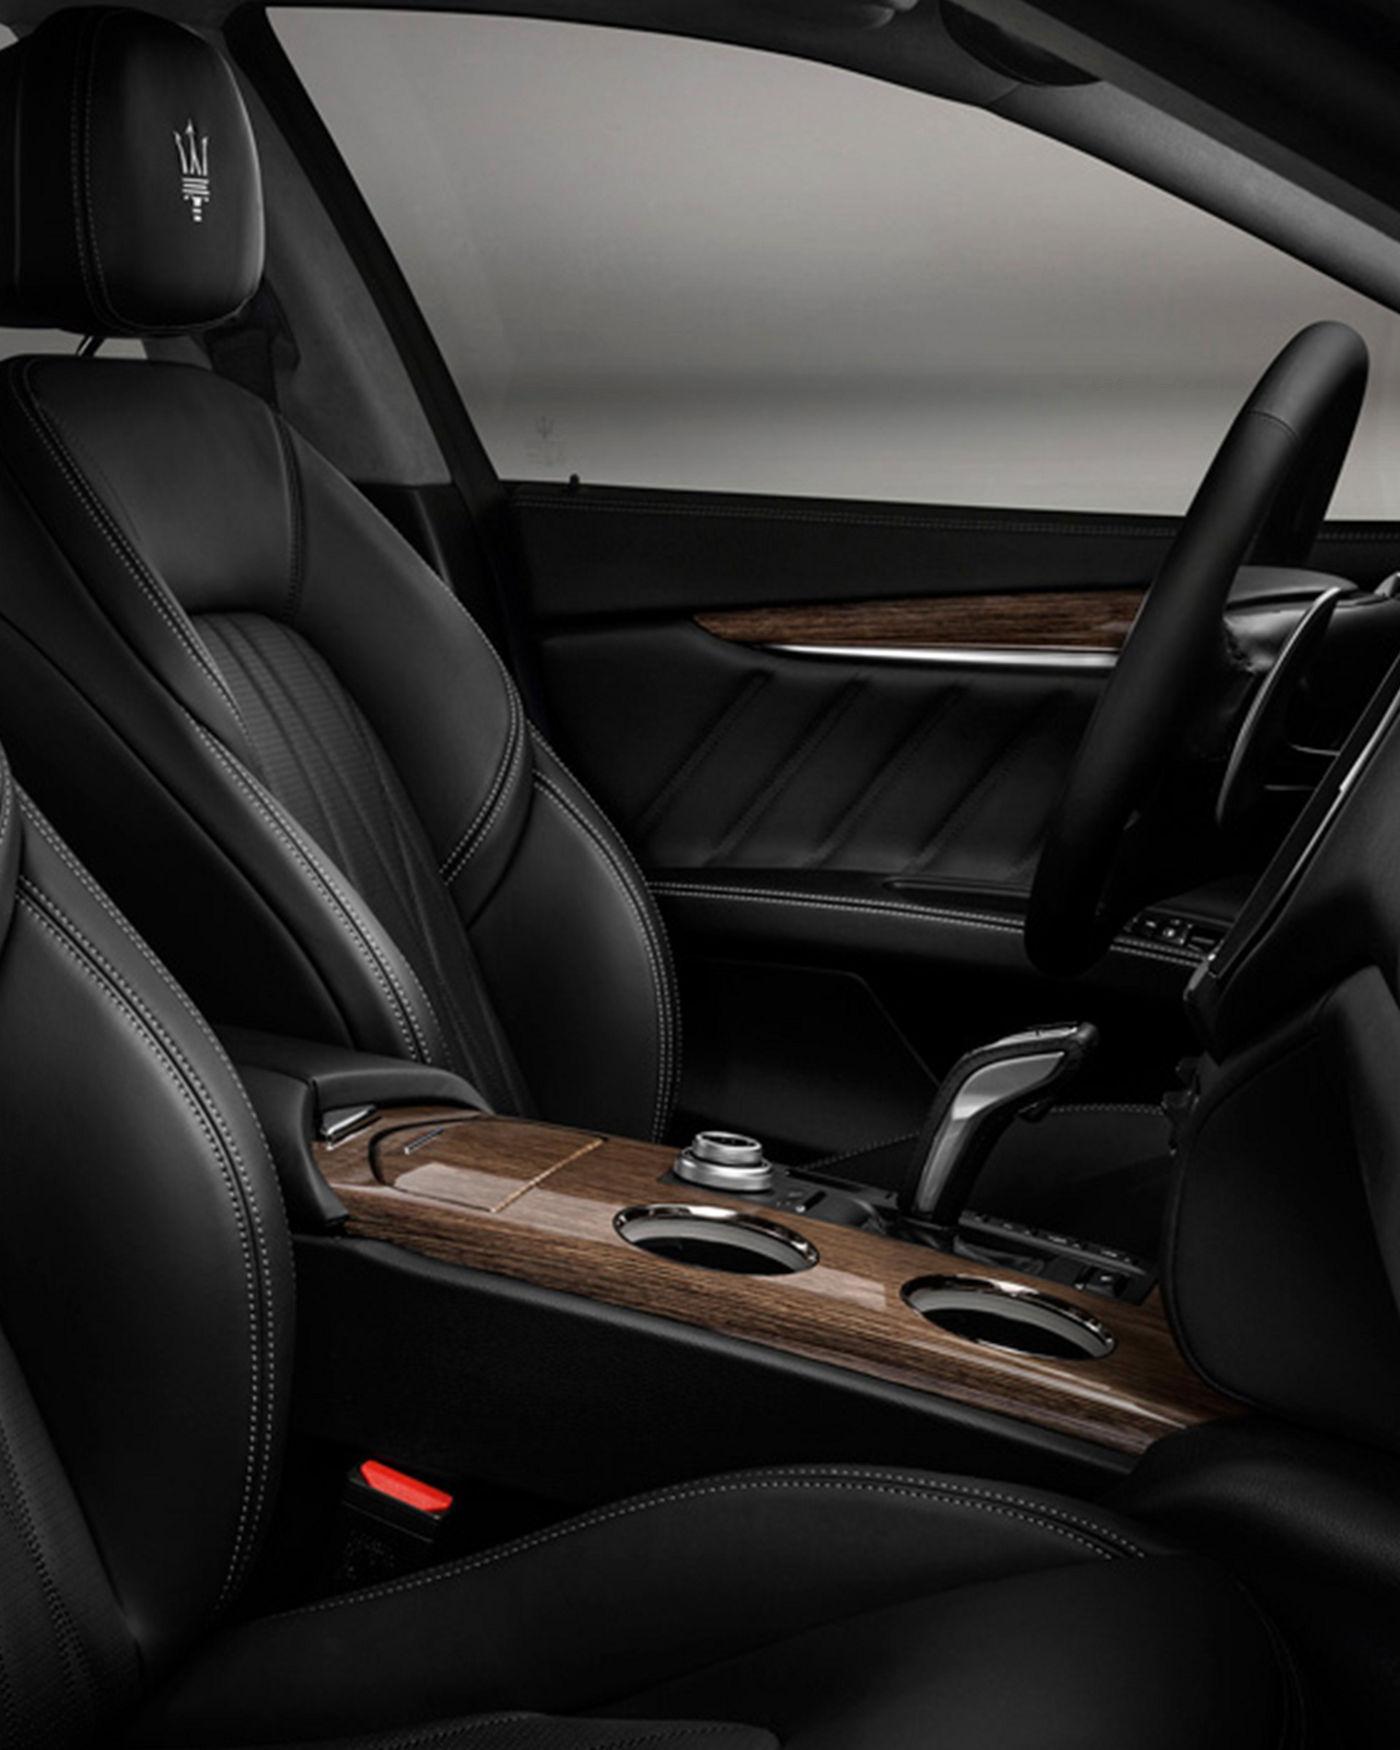 Maserati Ghibli GranLusso interior – front seats